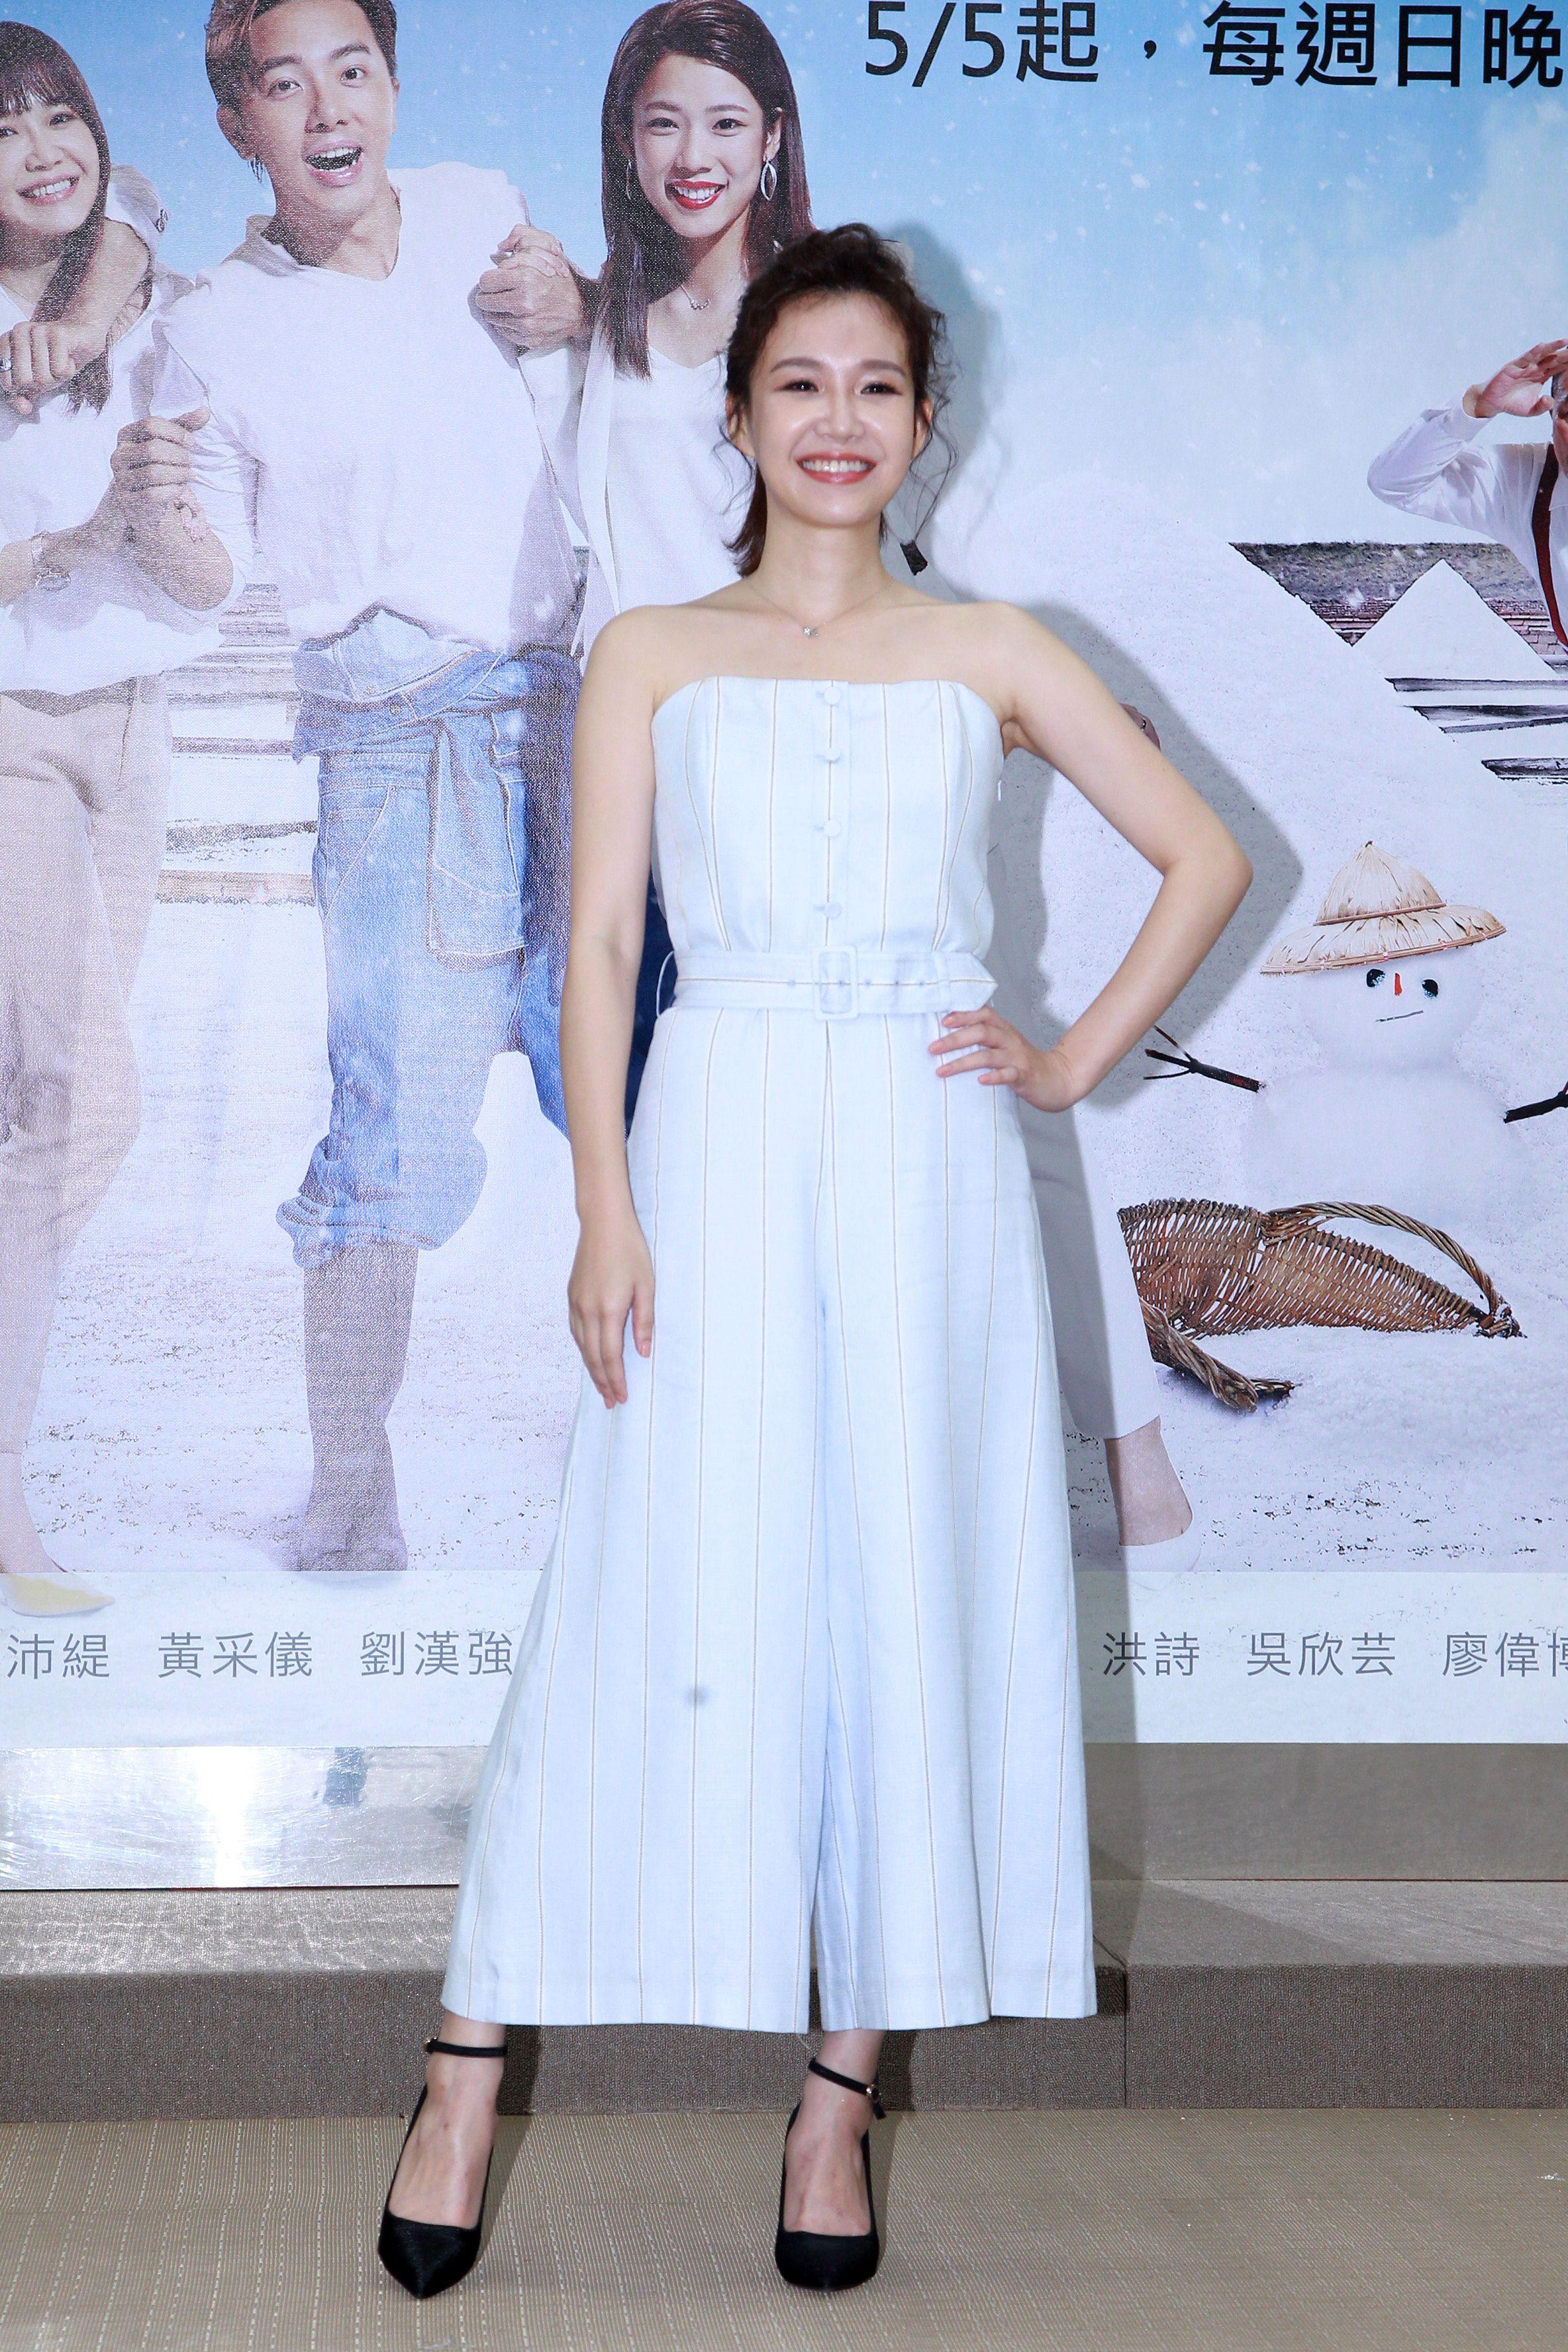 週日偶像劇「月村歡迎你」演員李佳豫。(記者邱榮吉/攝影)